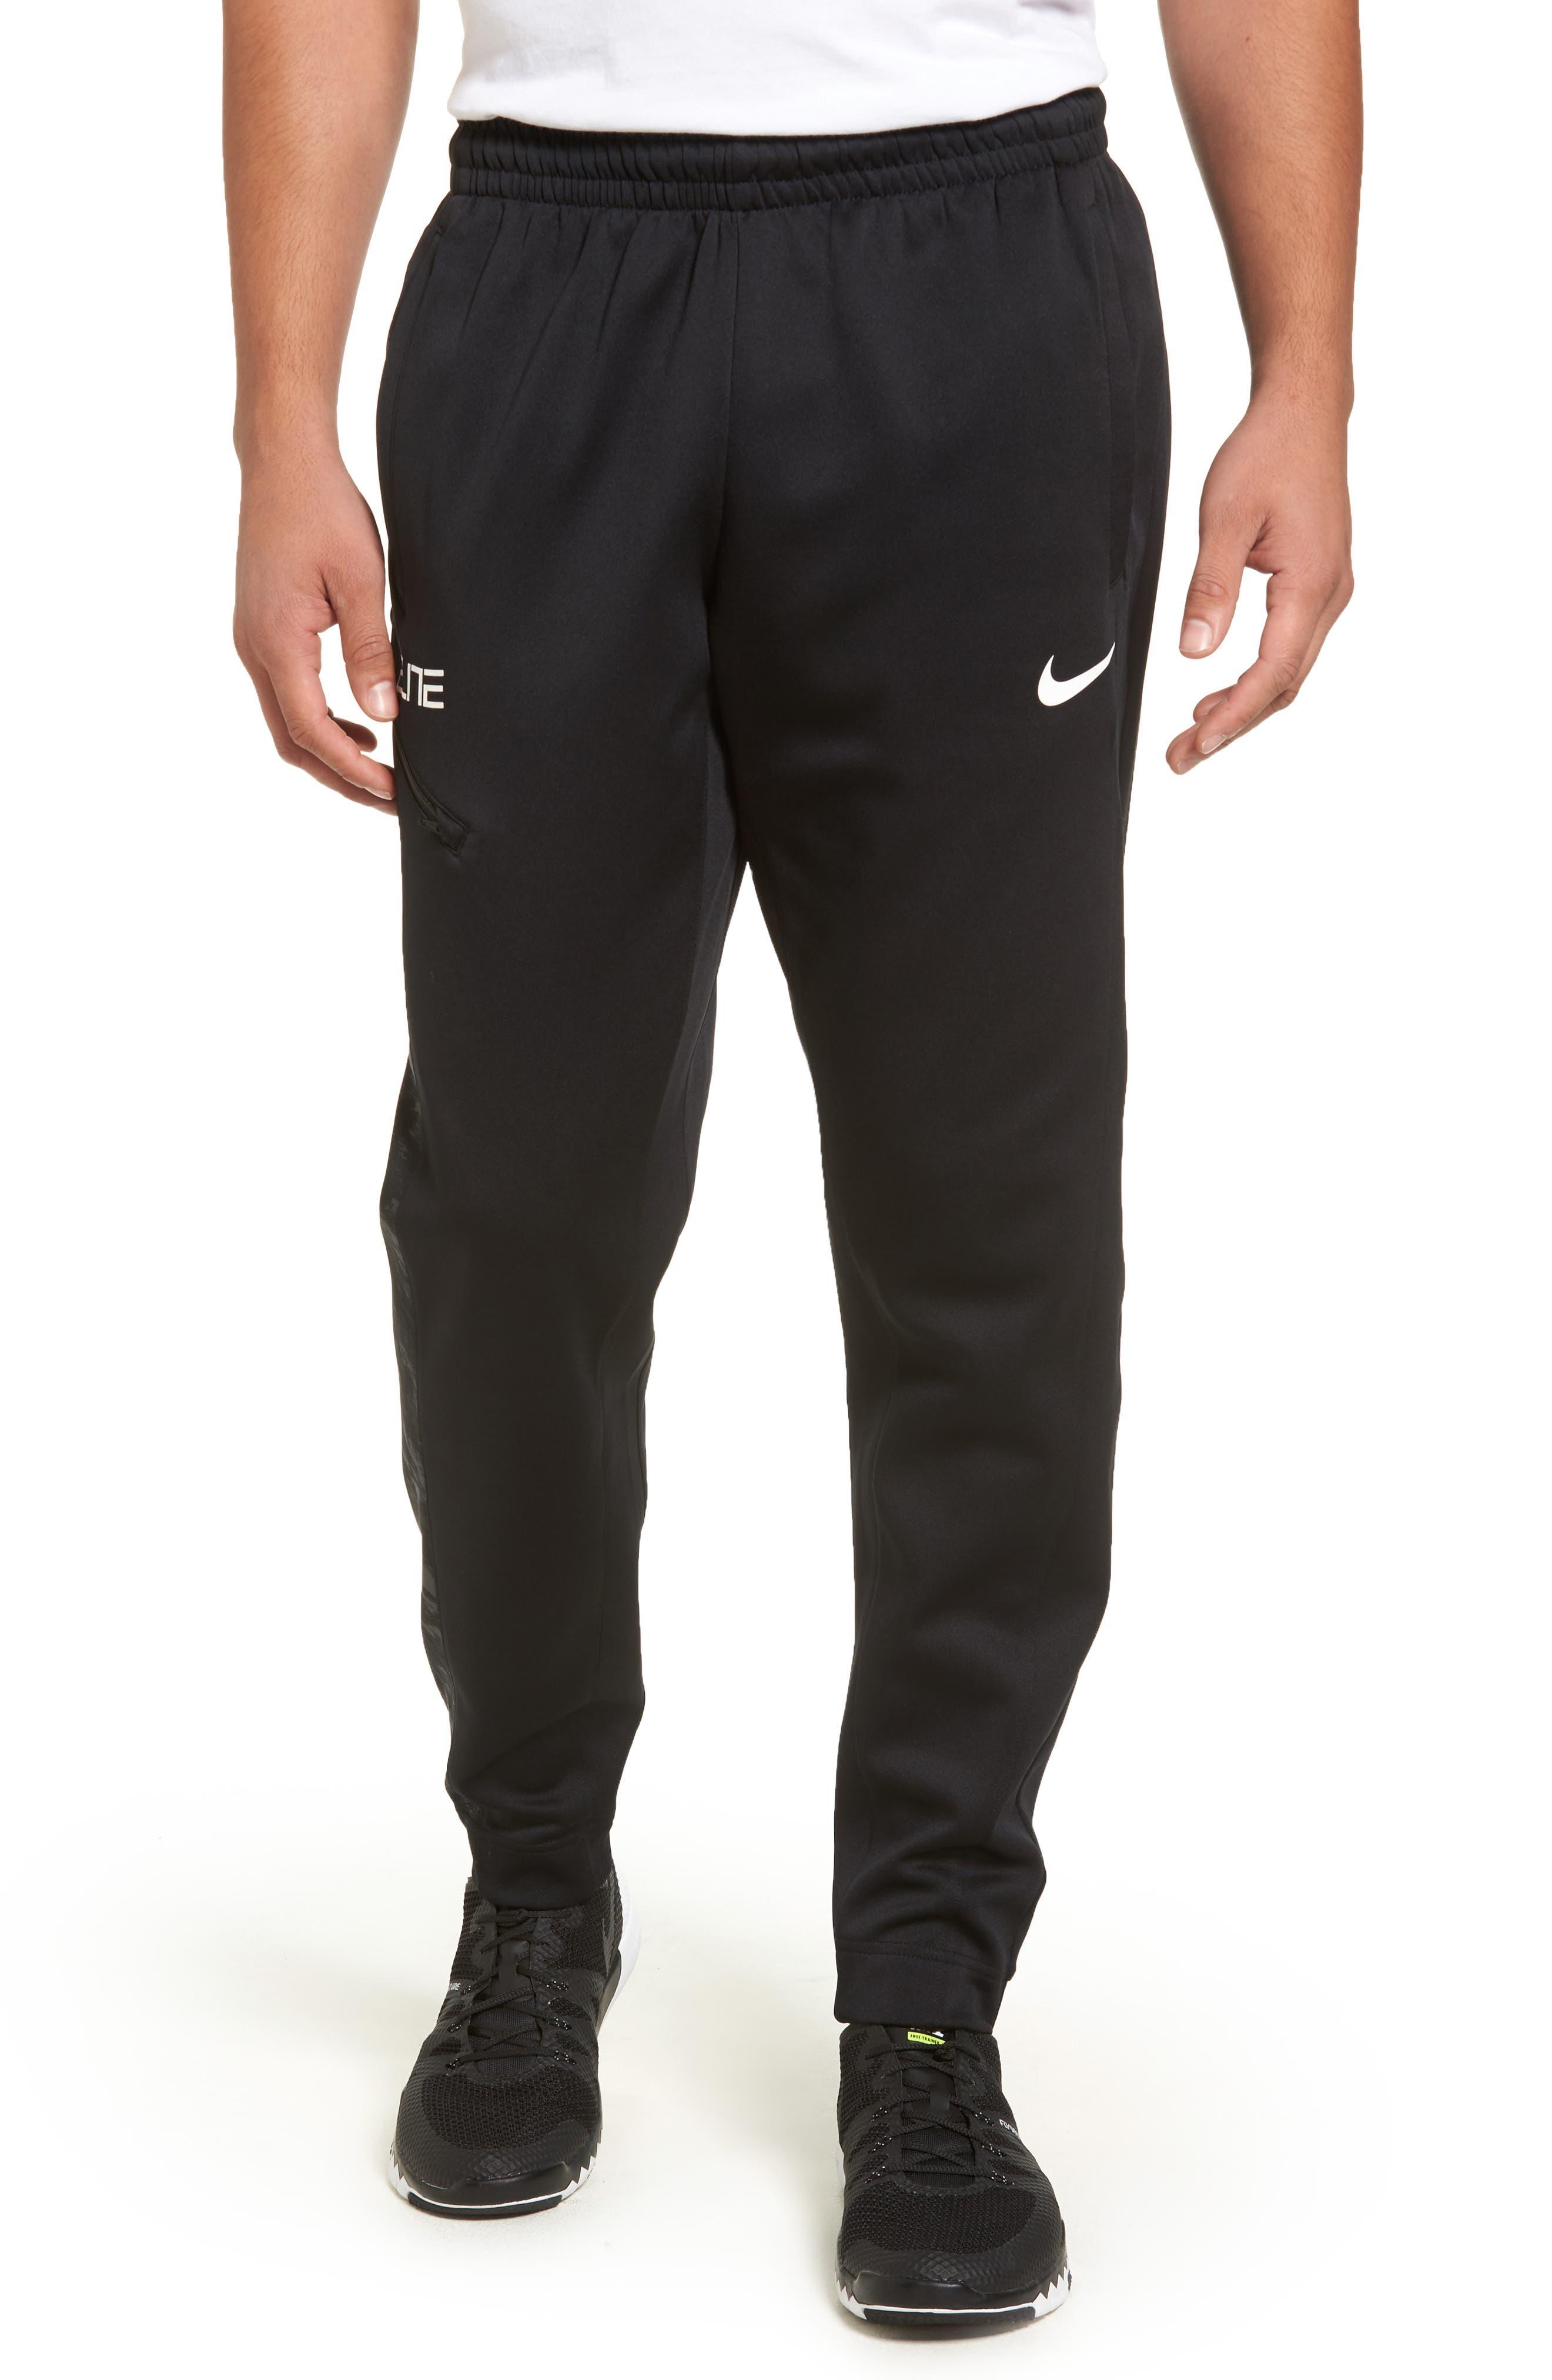 Nike Therma Elite Basketball Pants